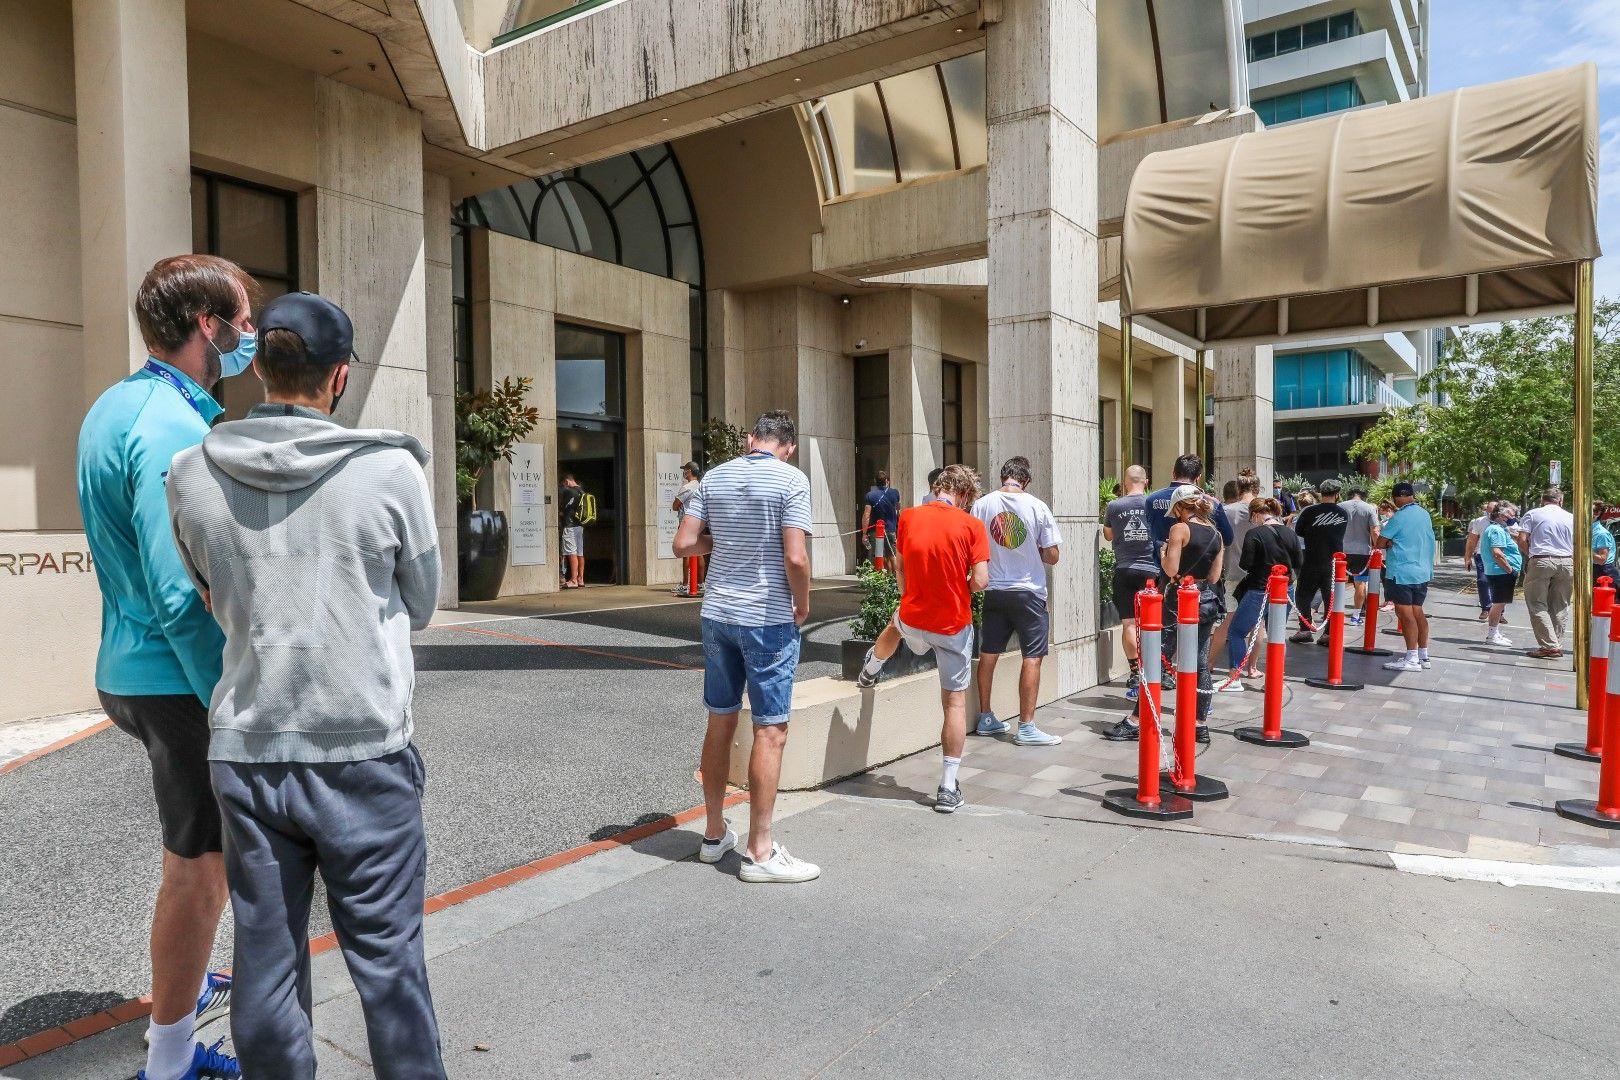 Опашки за тестове пред един от хотелите в Мелбърн от хора, свързани с турнира